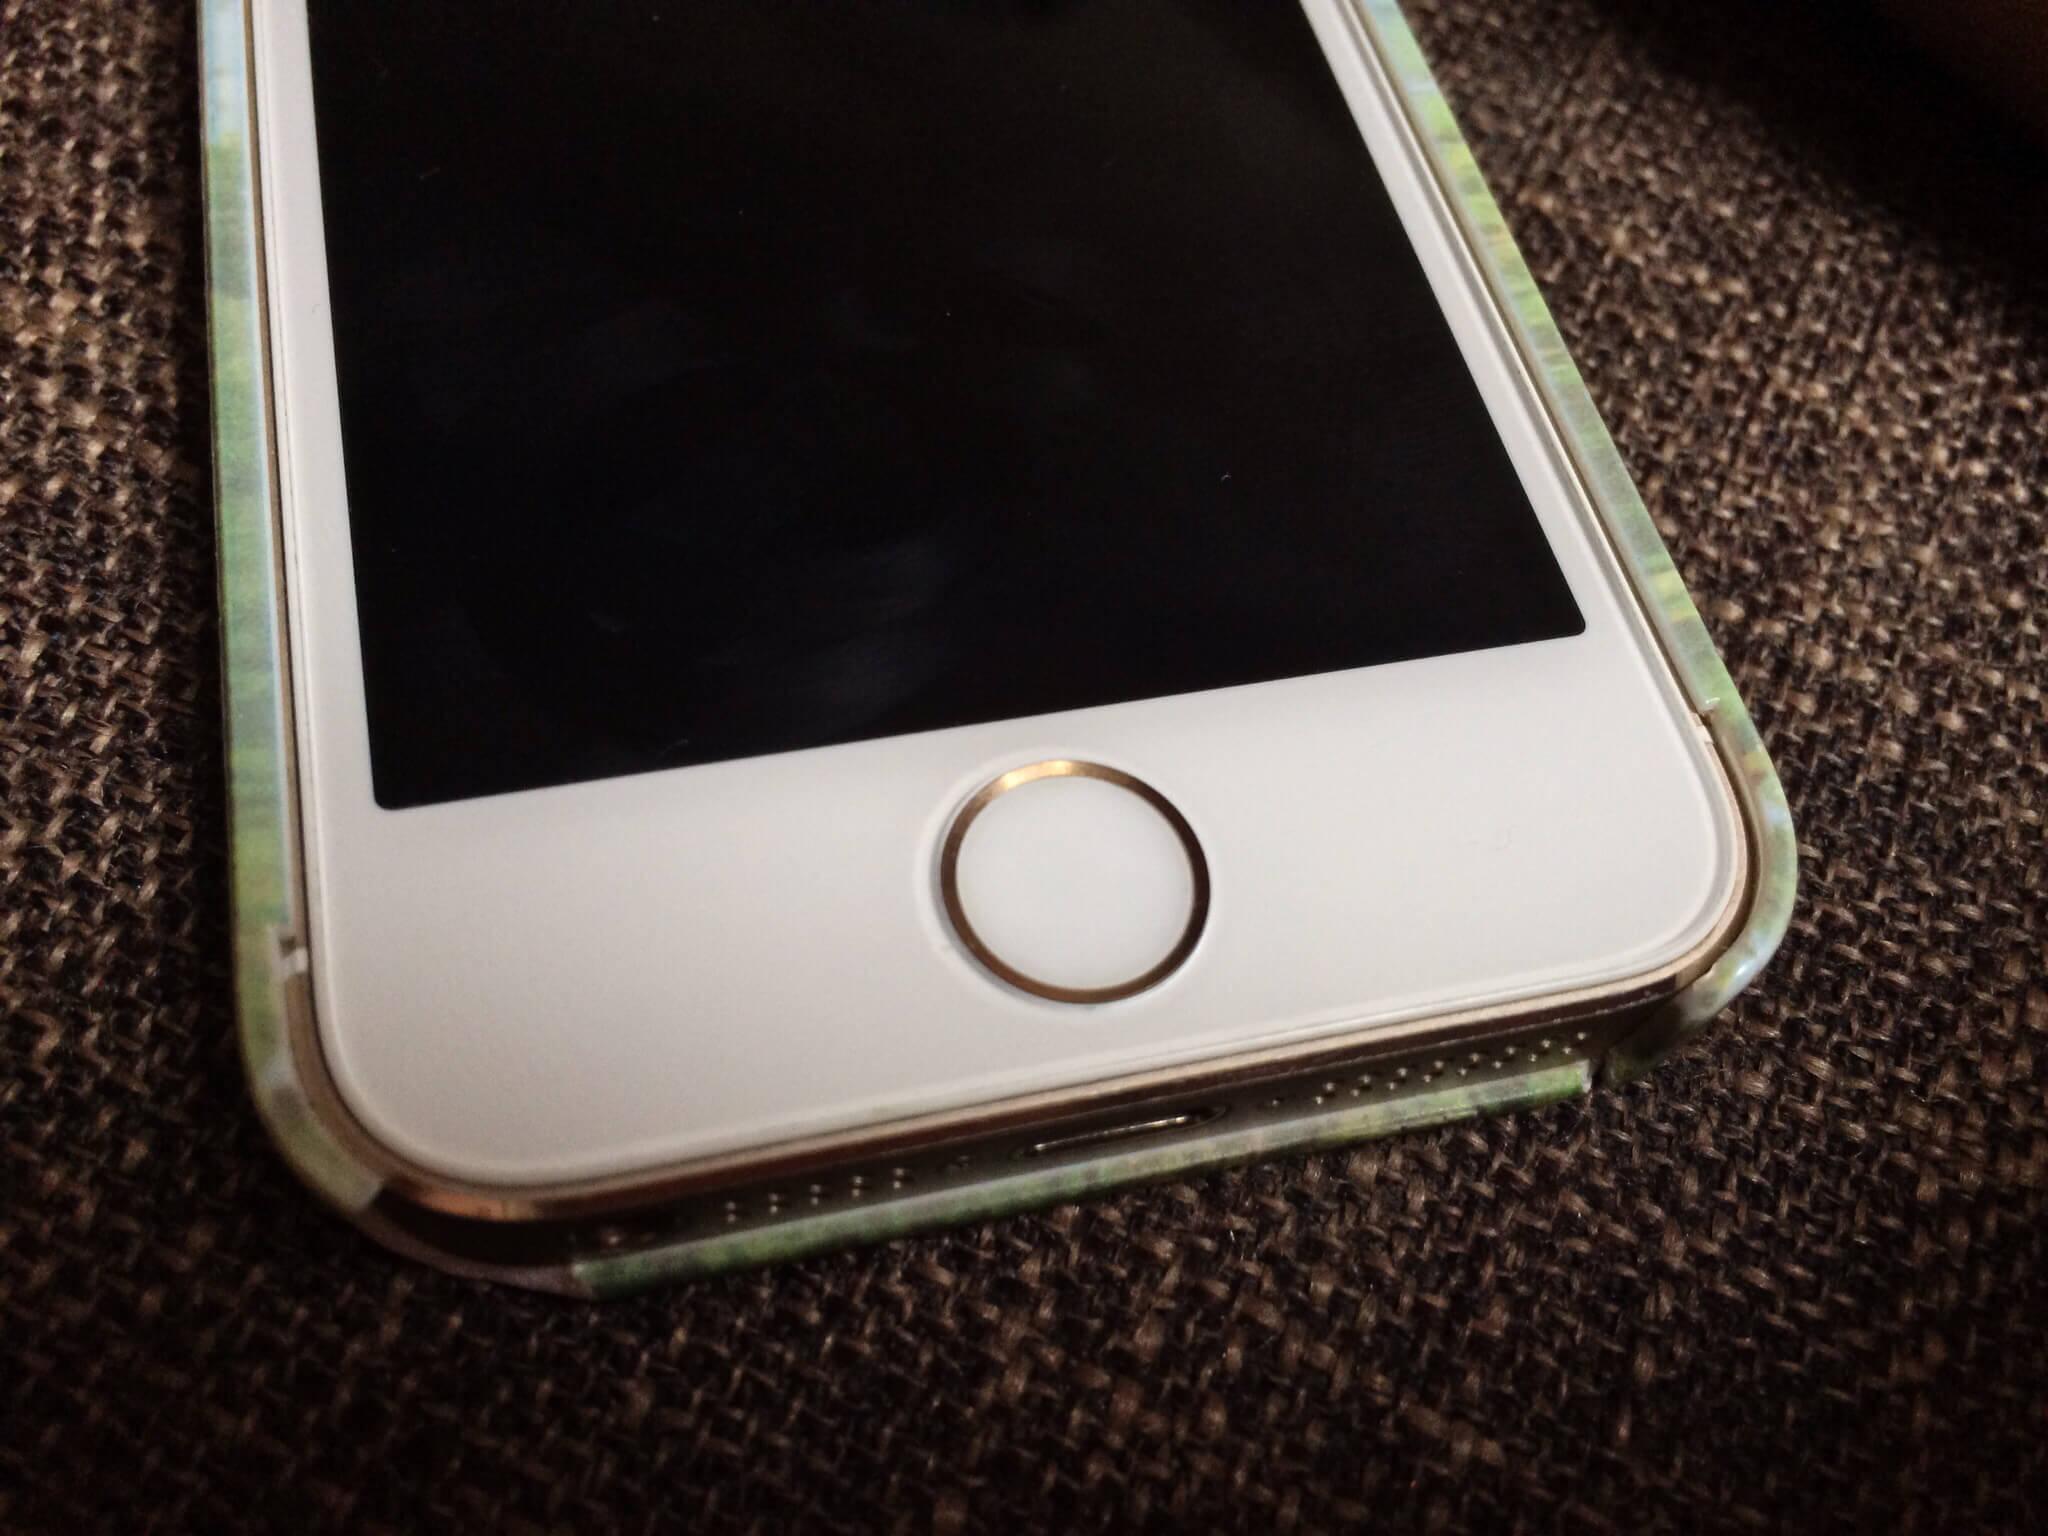 Android-Smartphones: Fingerabdruckscanner wird zur Falle 3